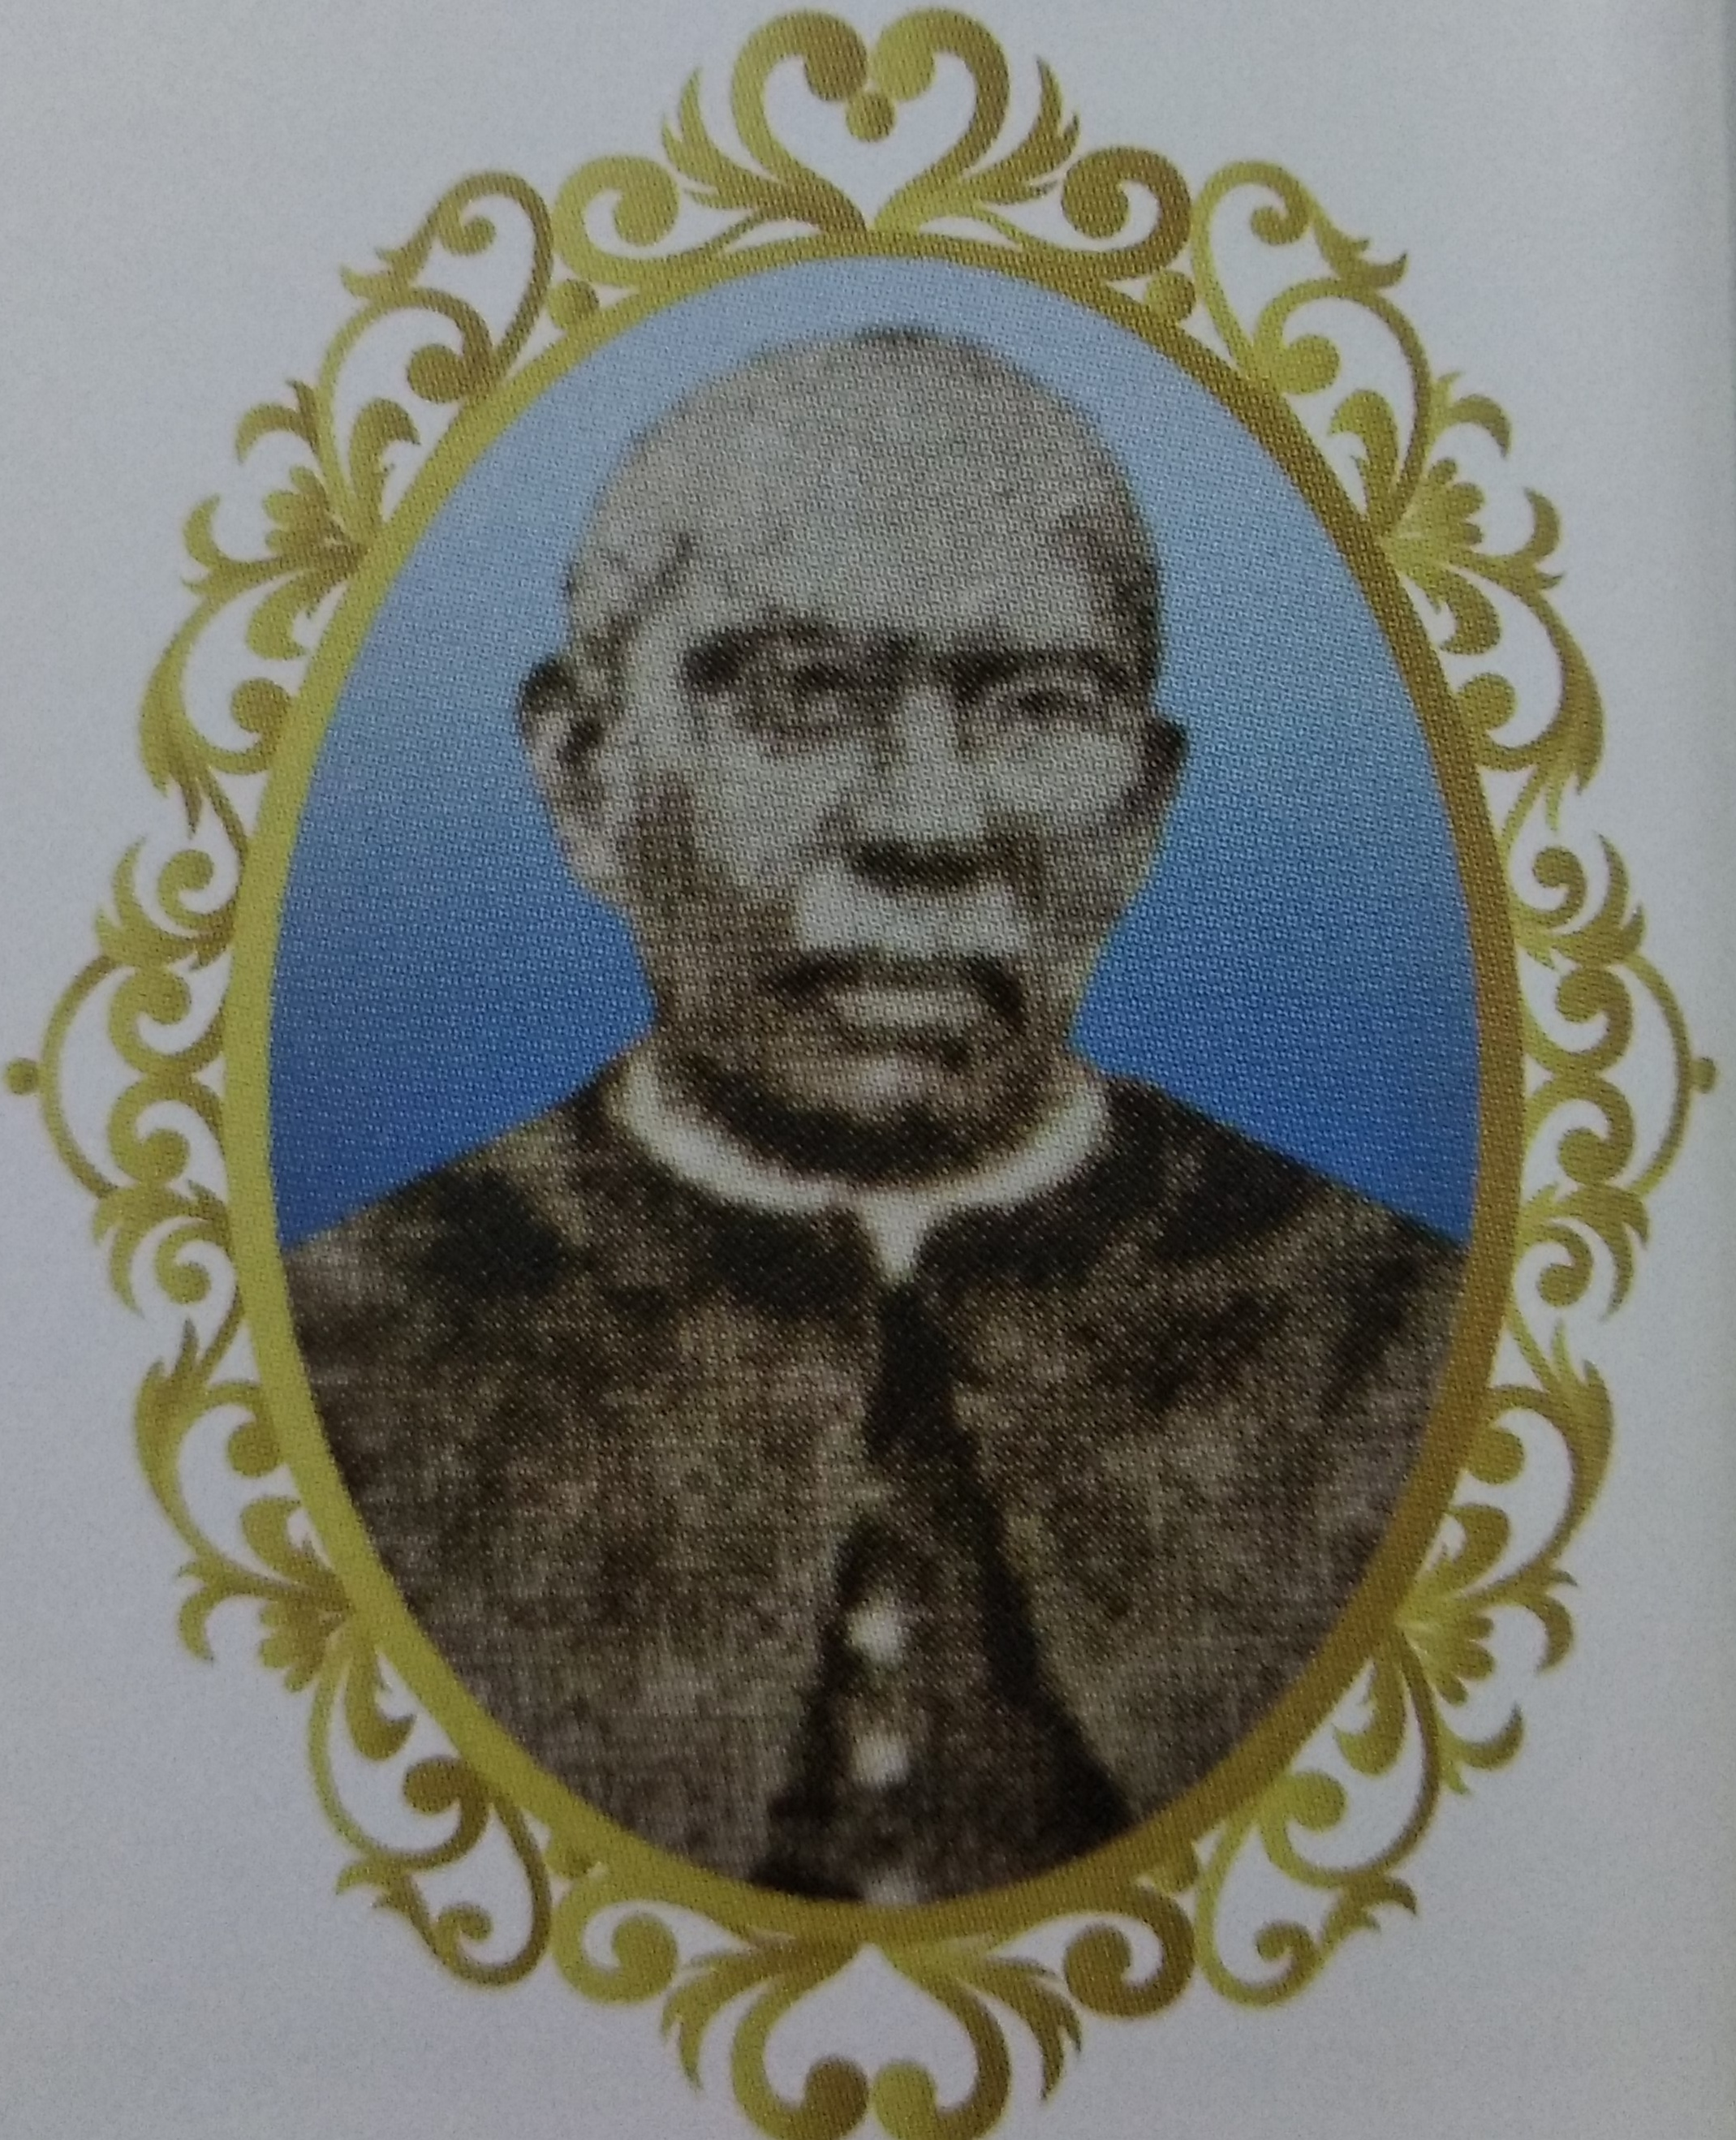 Fr. Xavier Becket Narakatt